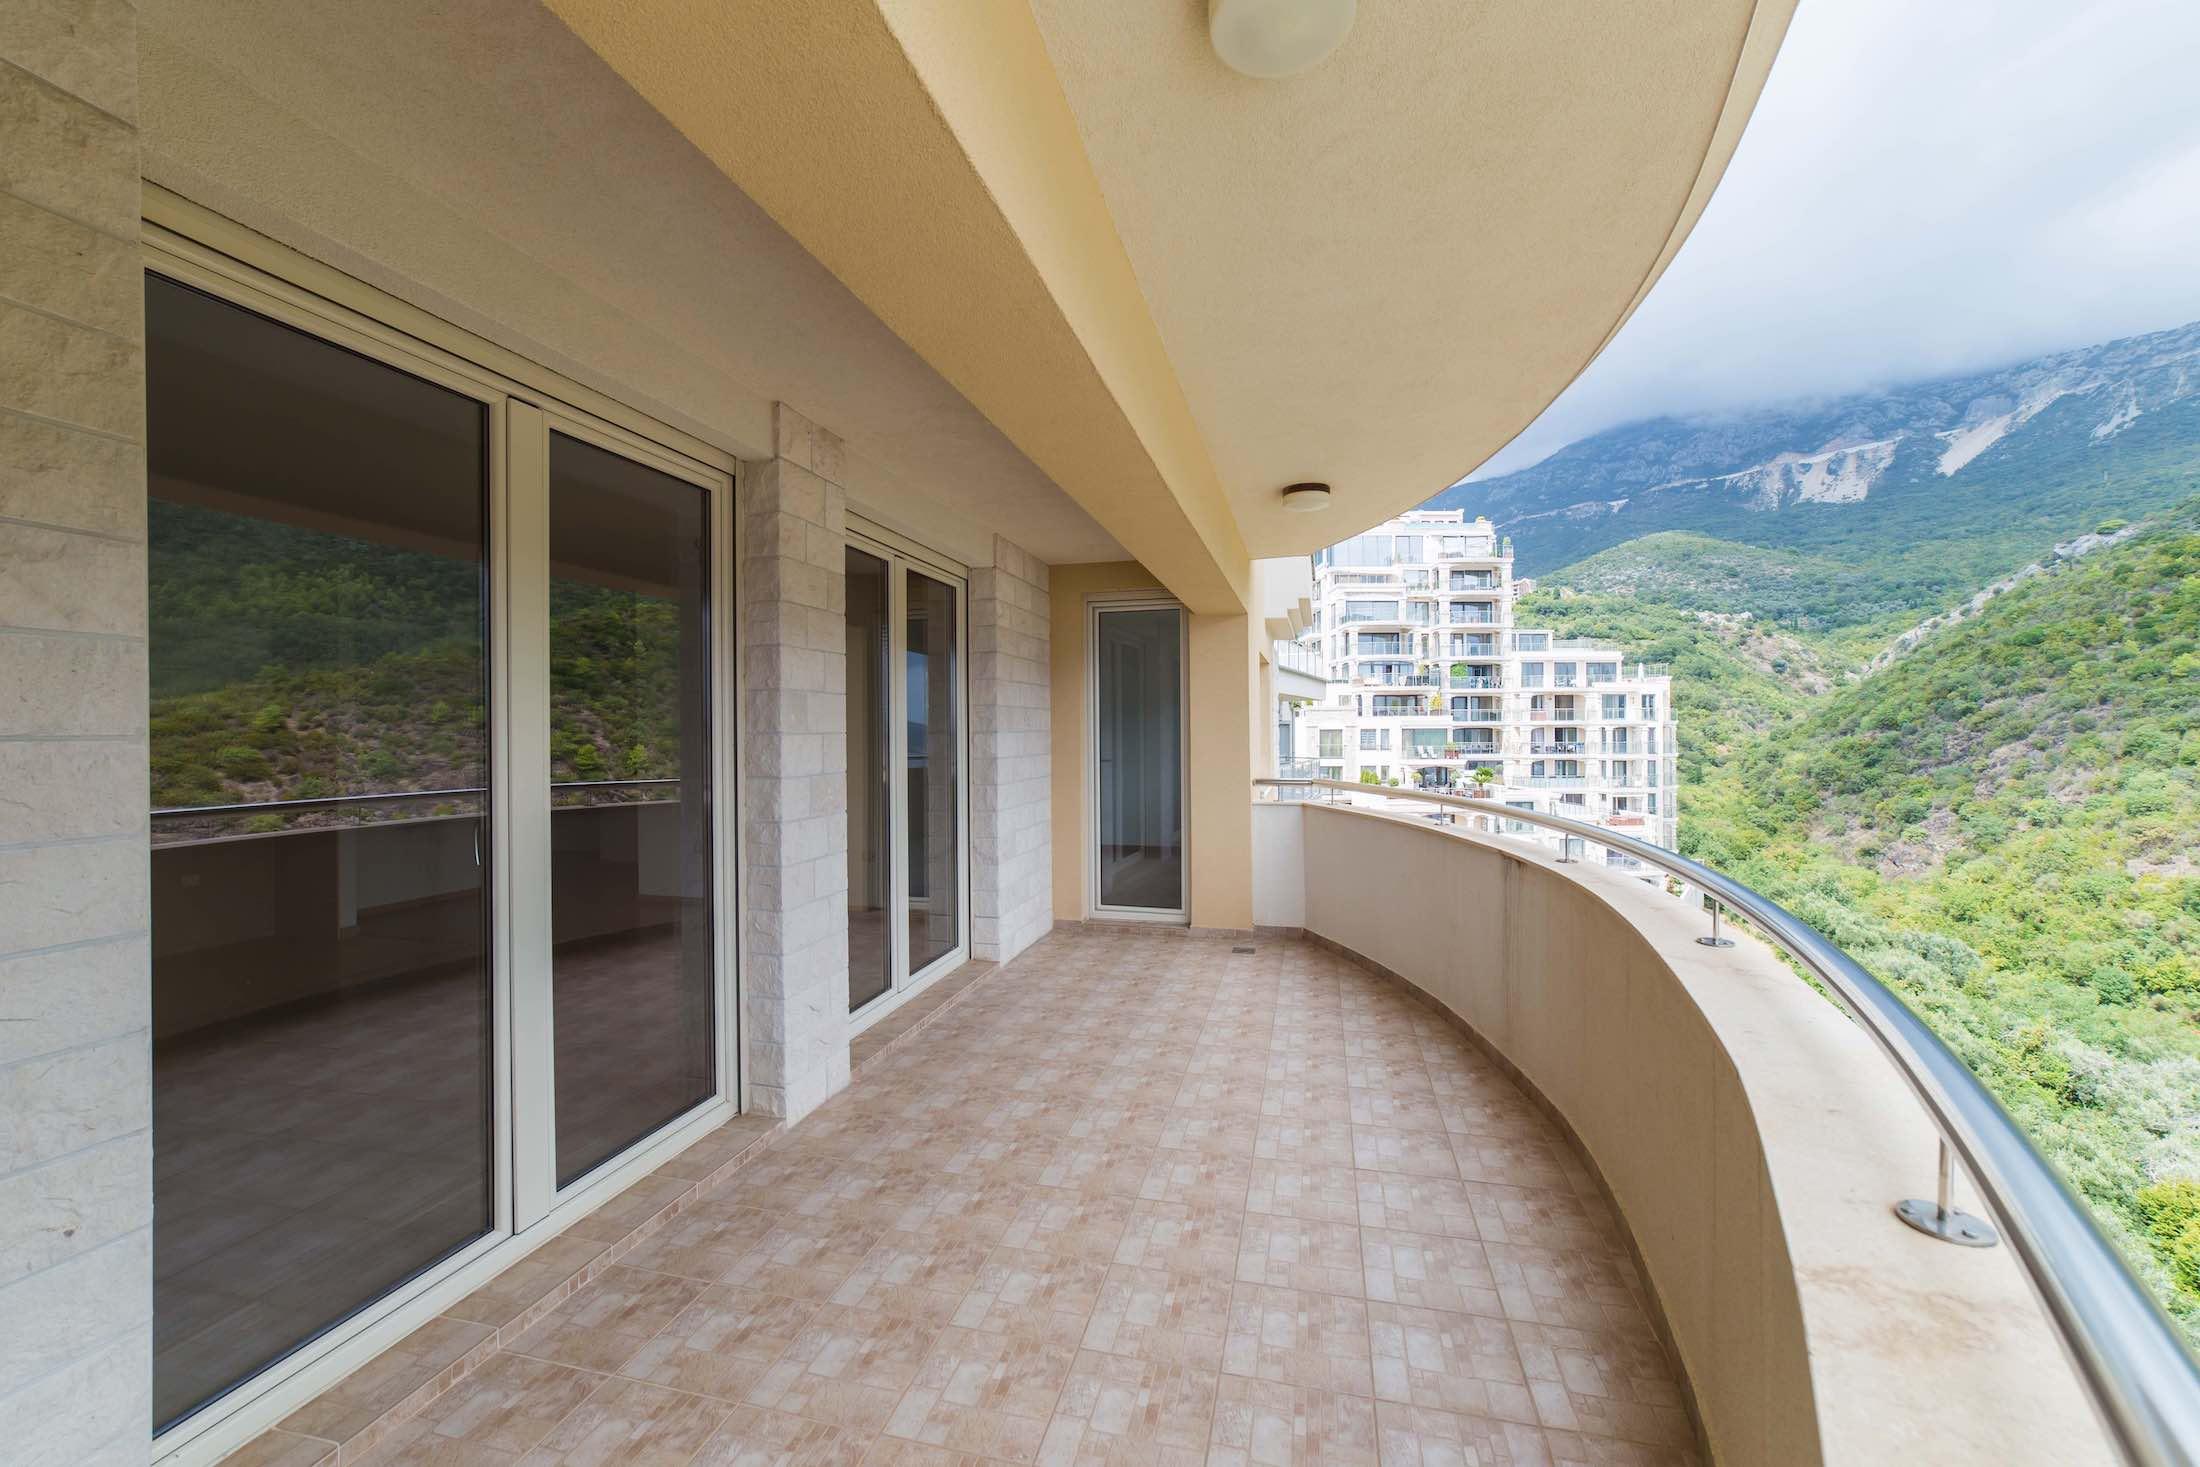 IVANOVICI ANATOLIA доходная недвижимость в черногории Бечичи Будва18.jpeg